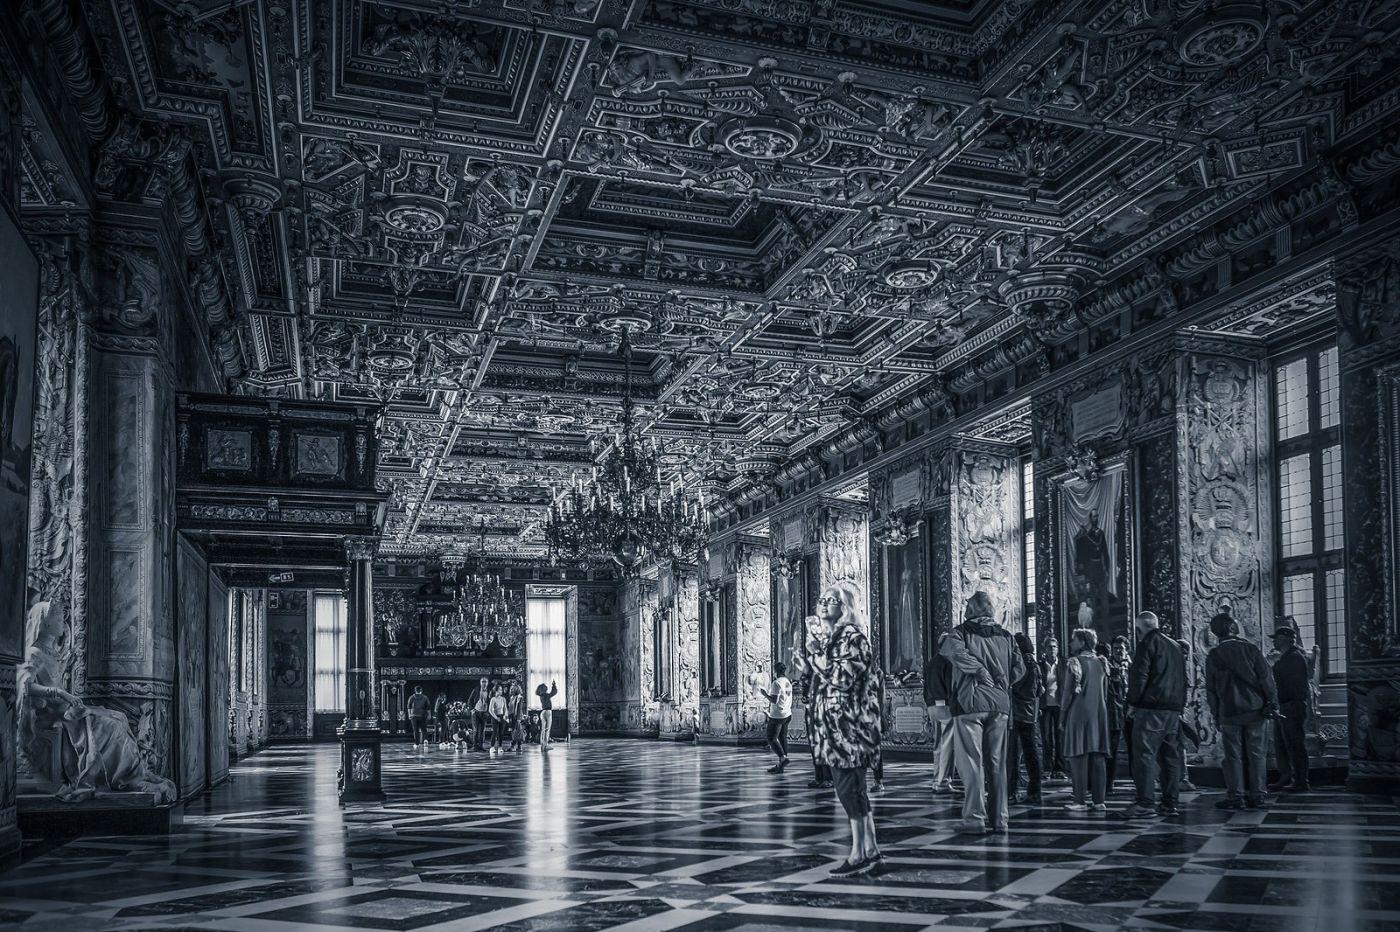 丹麦腓特烈堡城堡,回看历史_图1-3